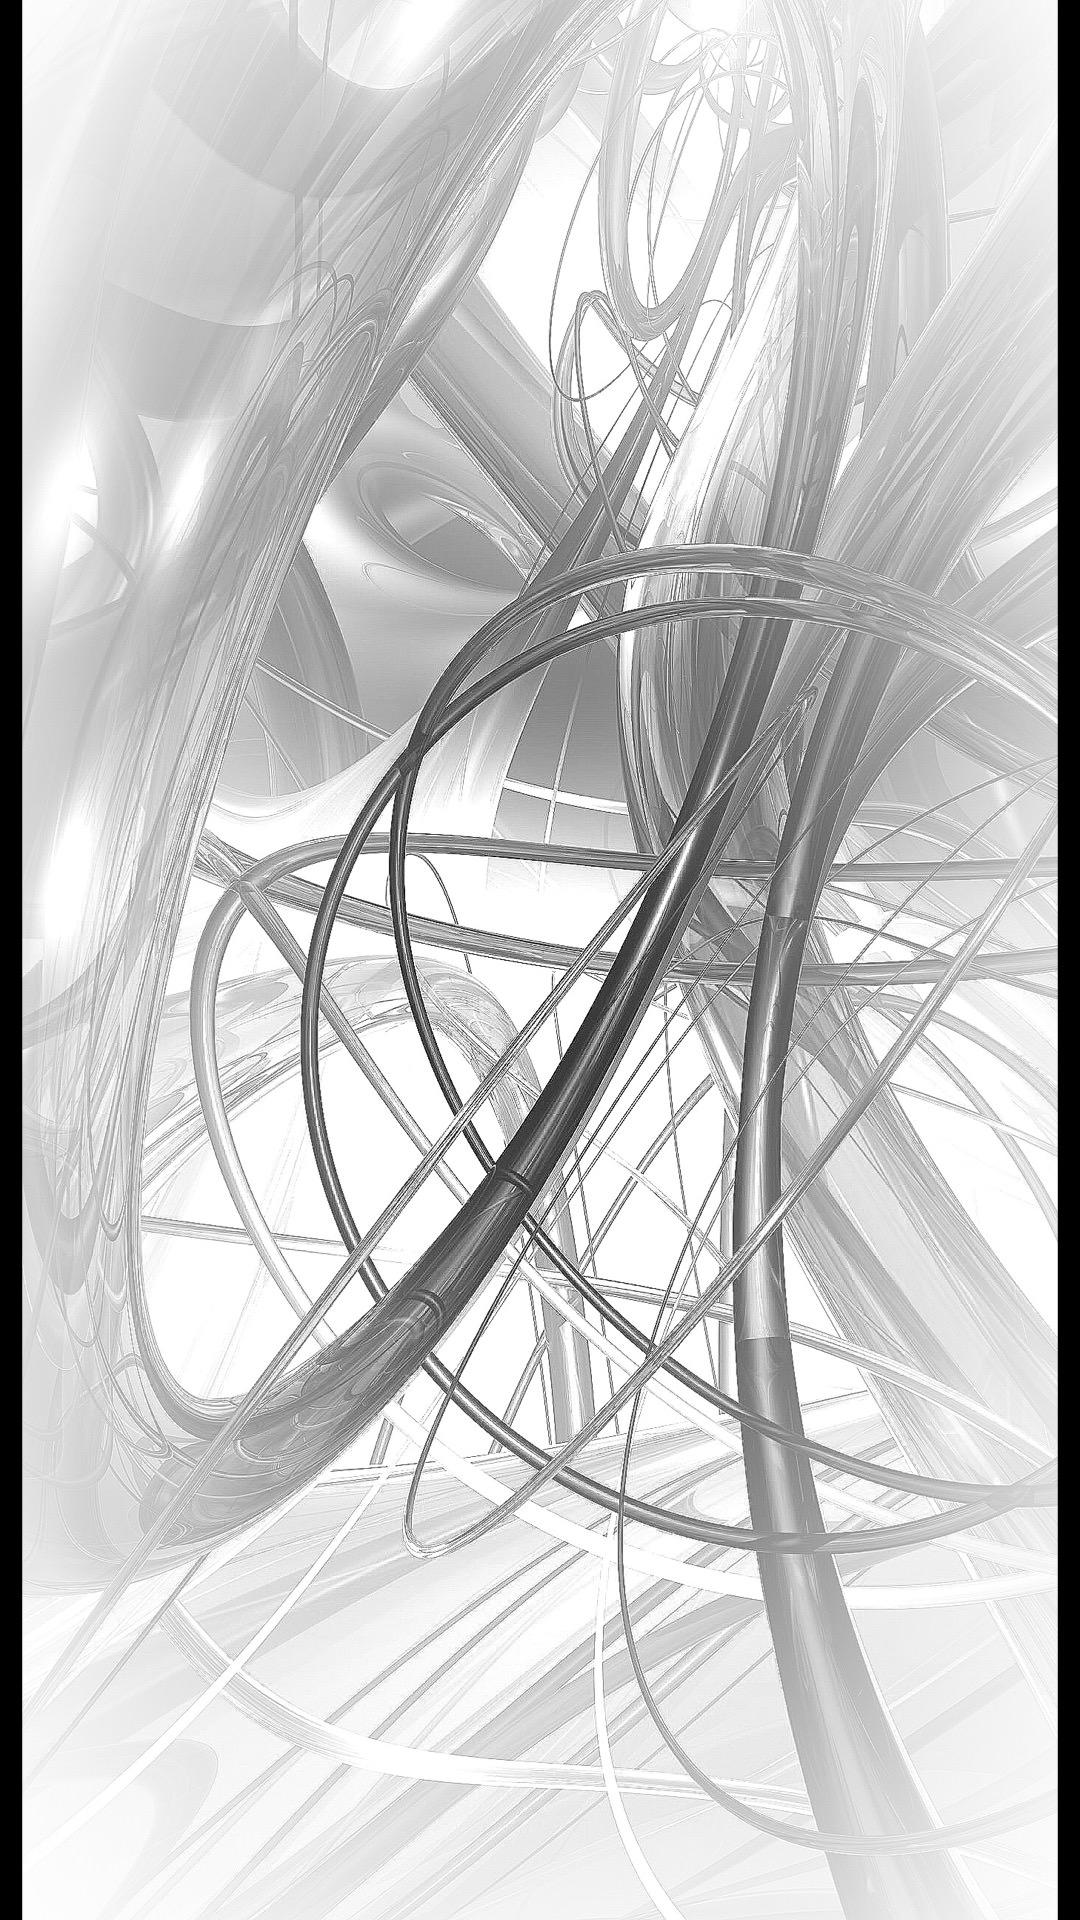 螺旋 ホワイト Wallpaper Sc Iphone6splus壁紙